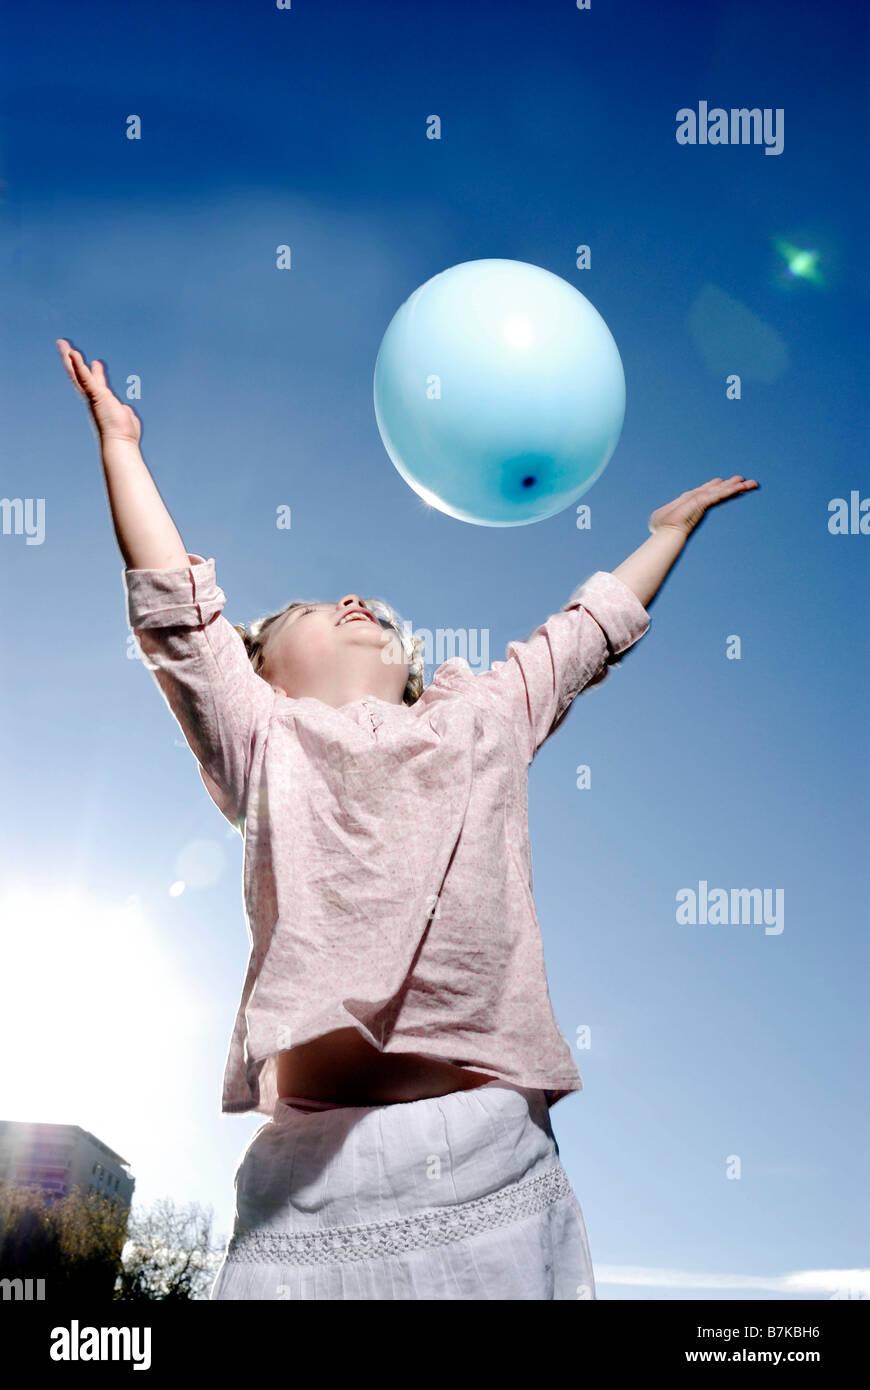 3 Jahre altes Mädchen werfen einen Ballon Stockfoto